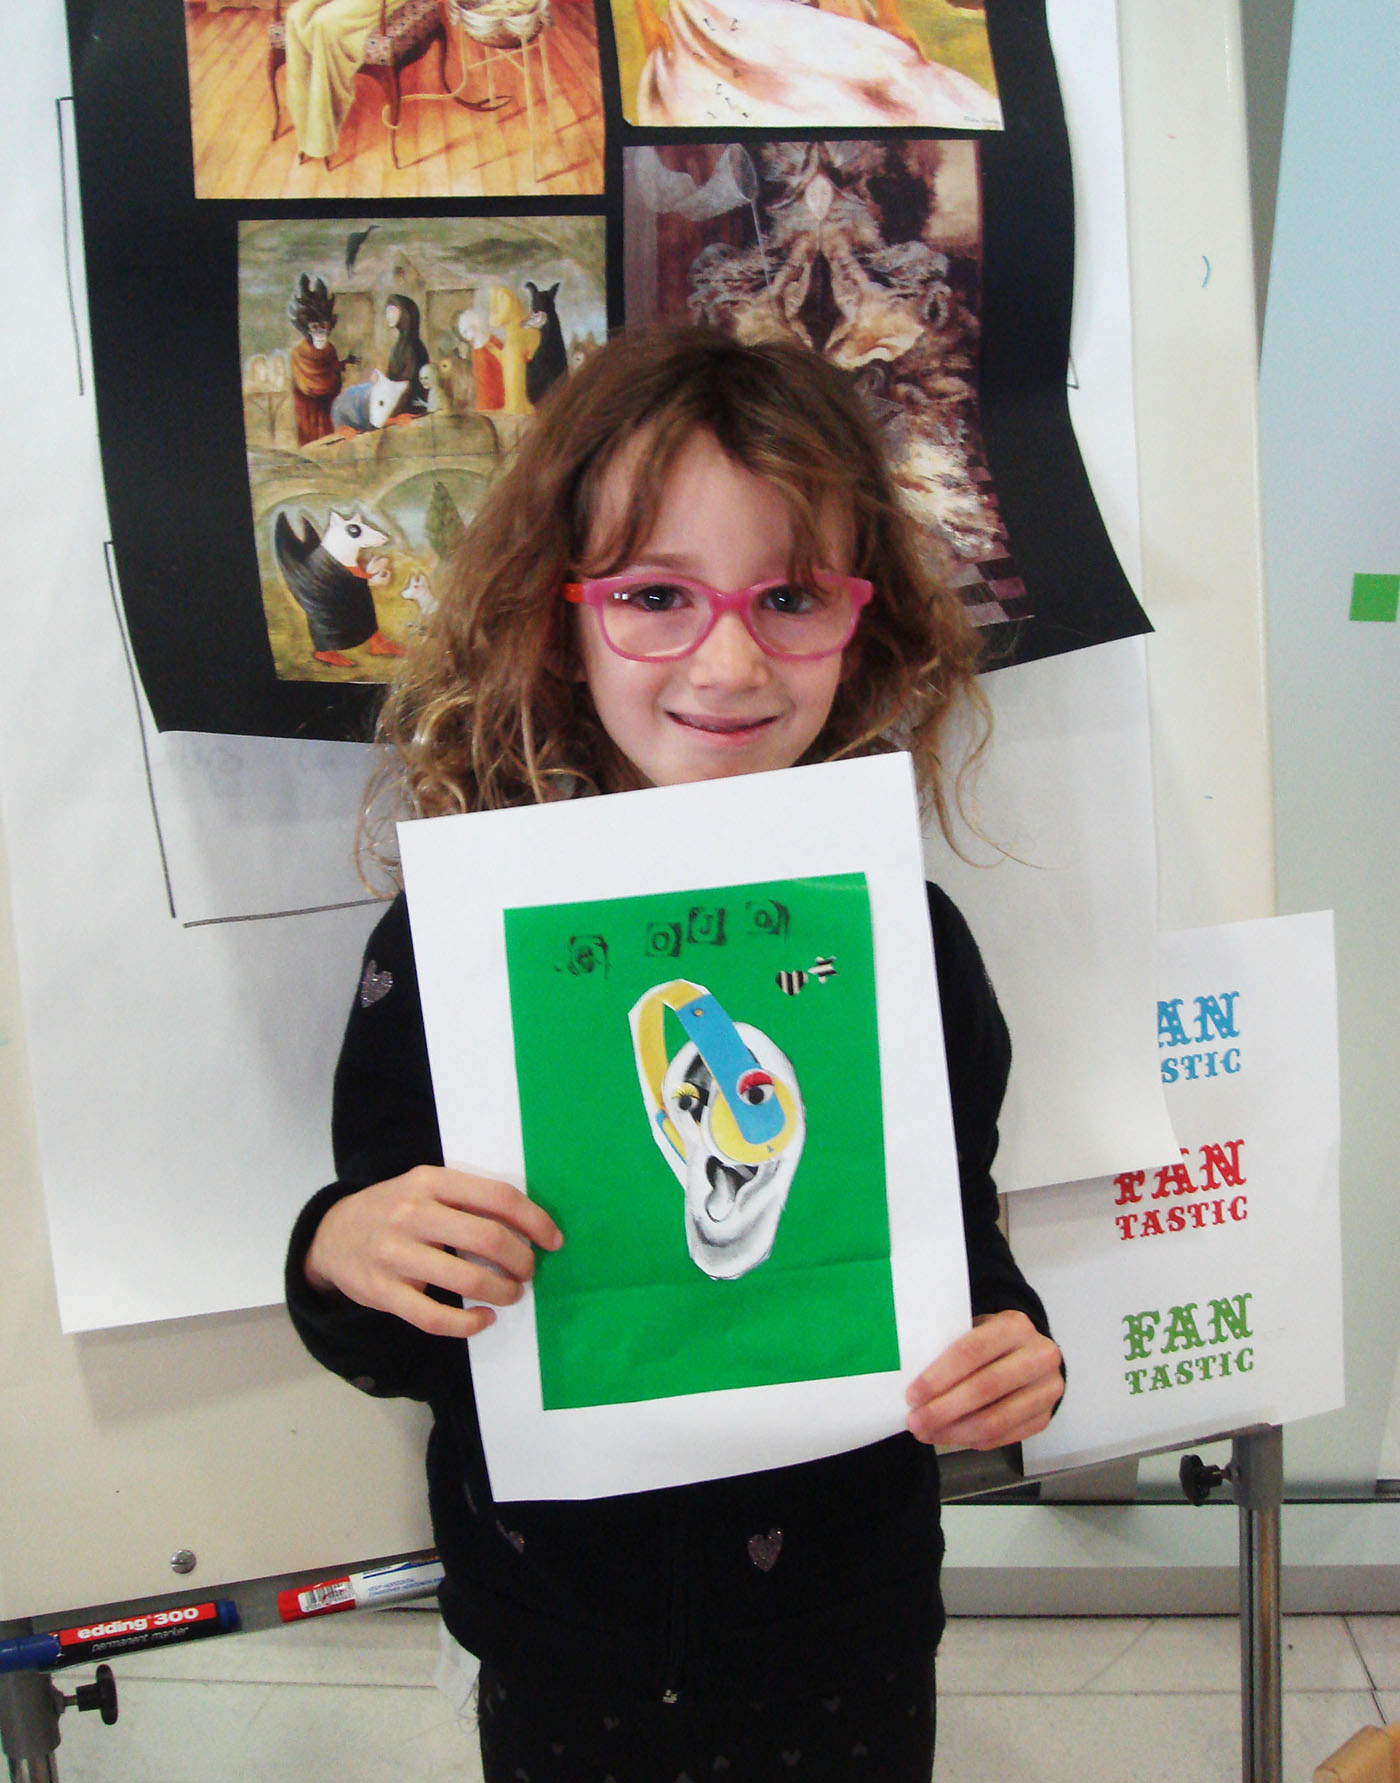 Curso niños fancine Susana Cid